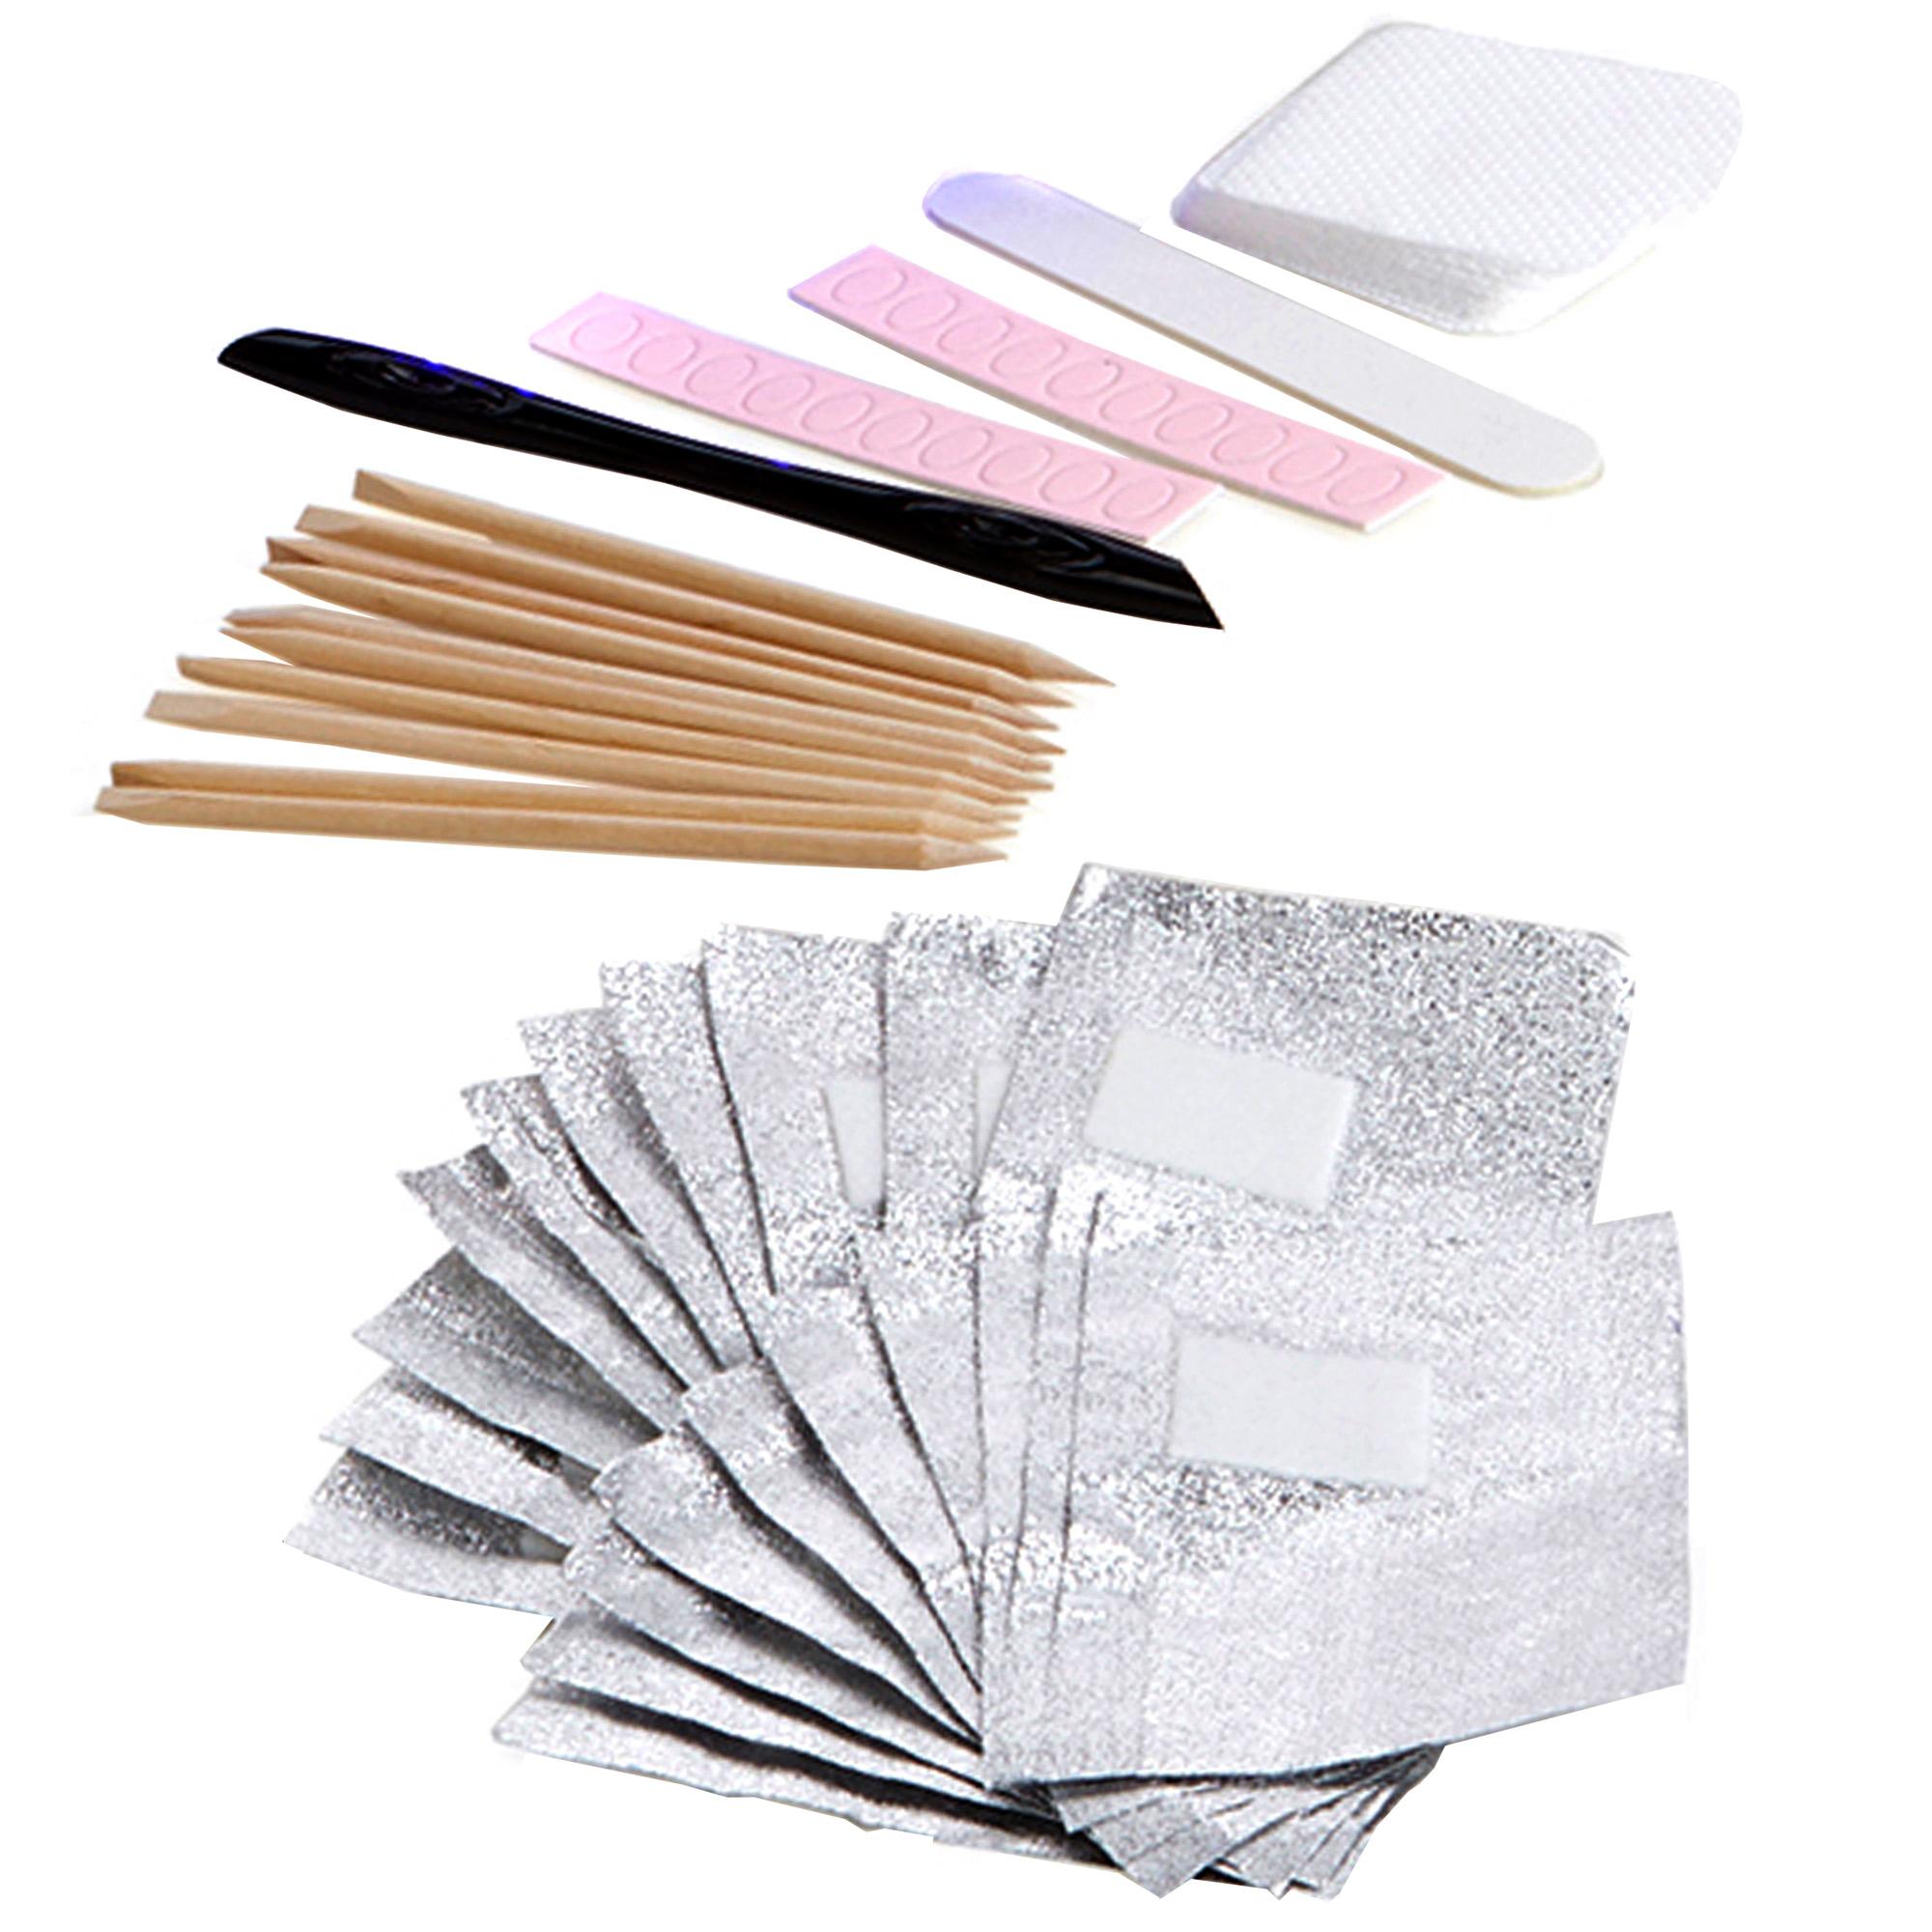 Nail Polish Package: Red Carpet Manicure Pro 45 LED Gel Nail Polish Kit Soak